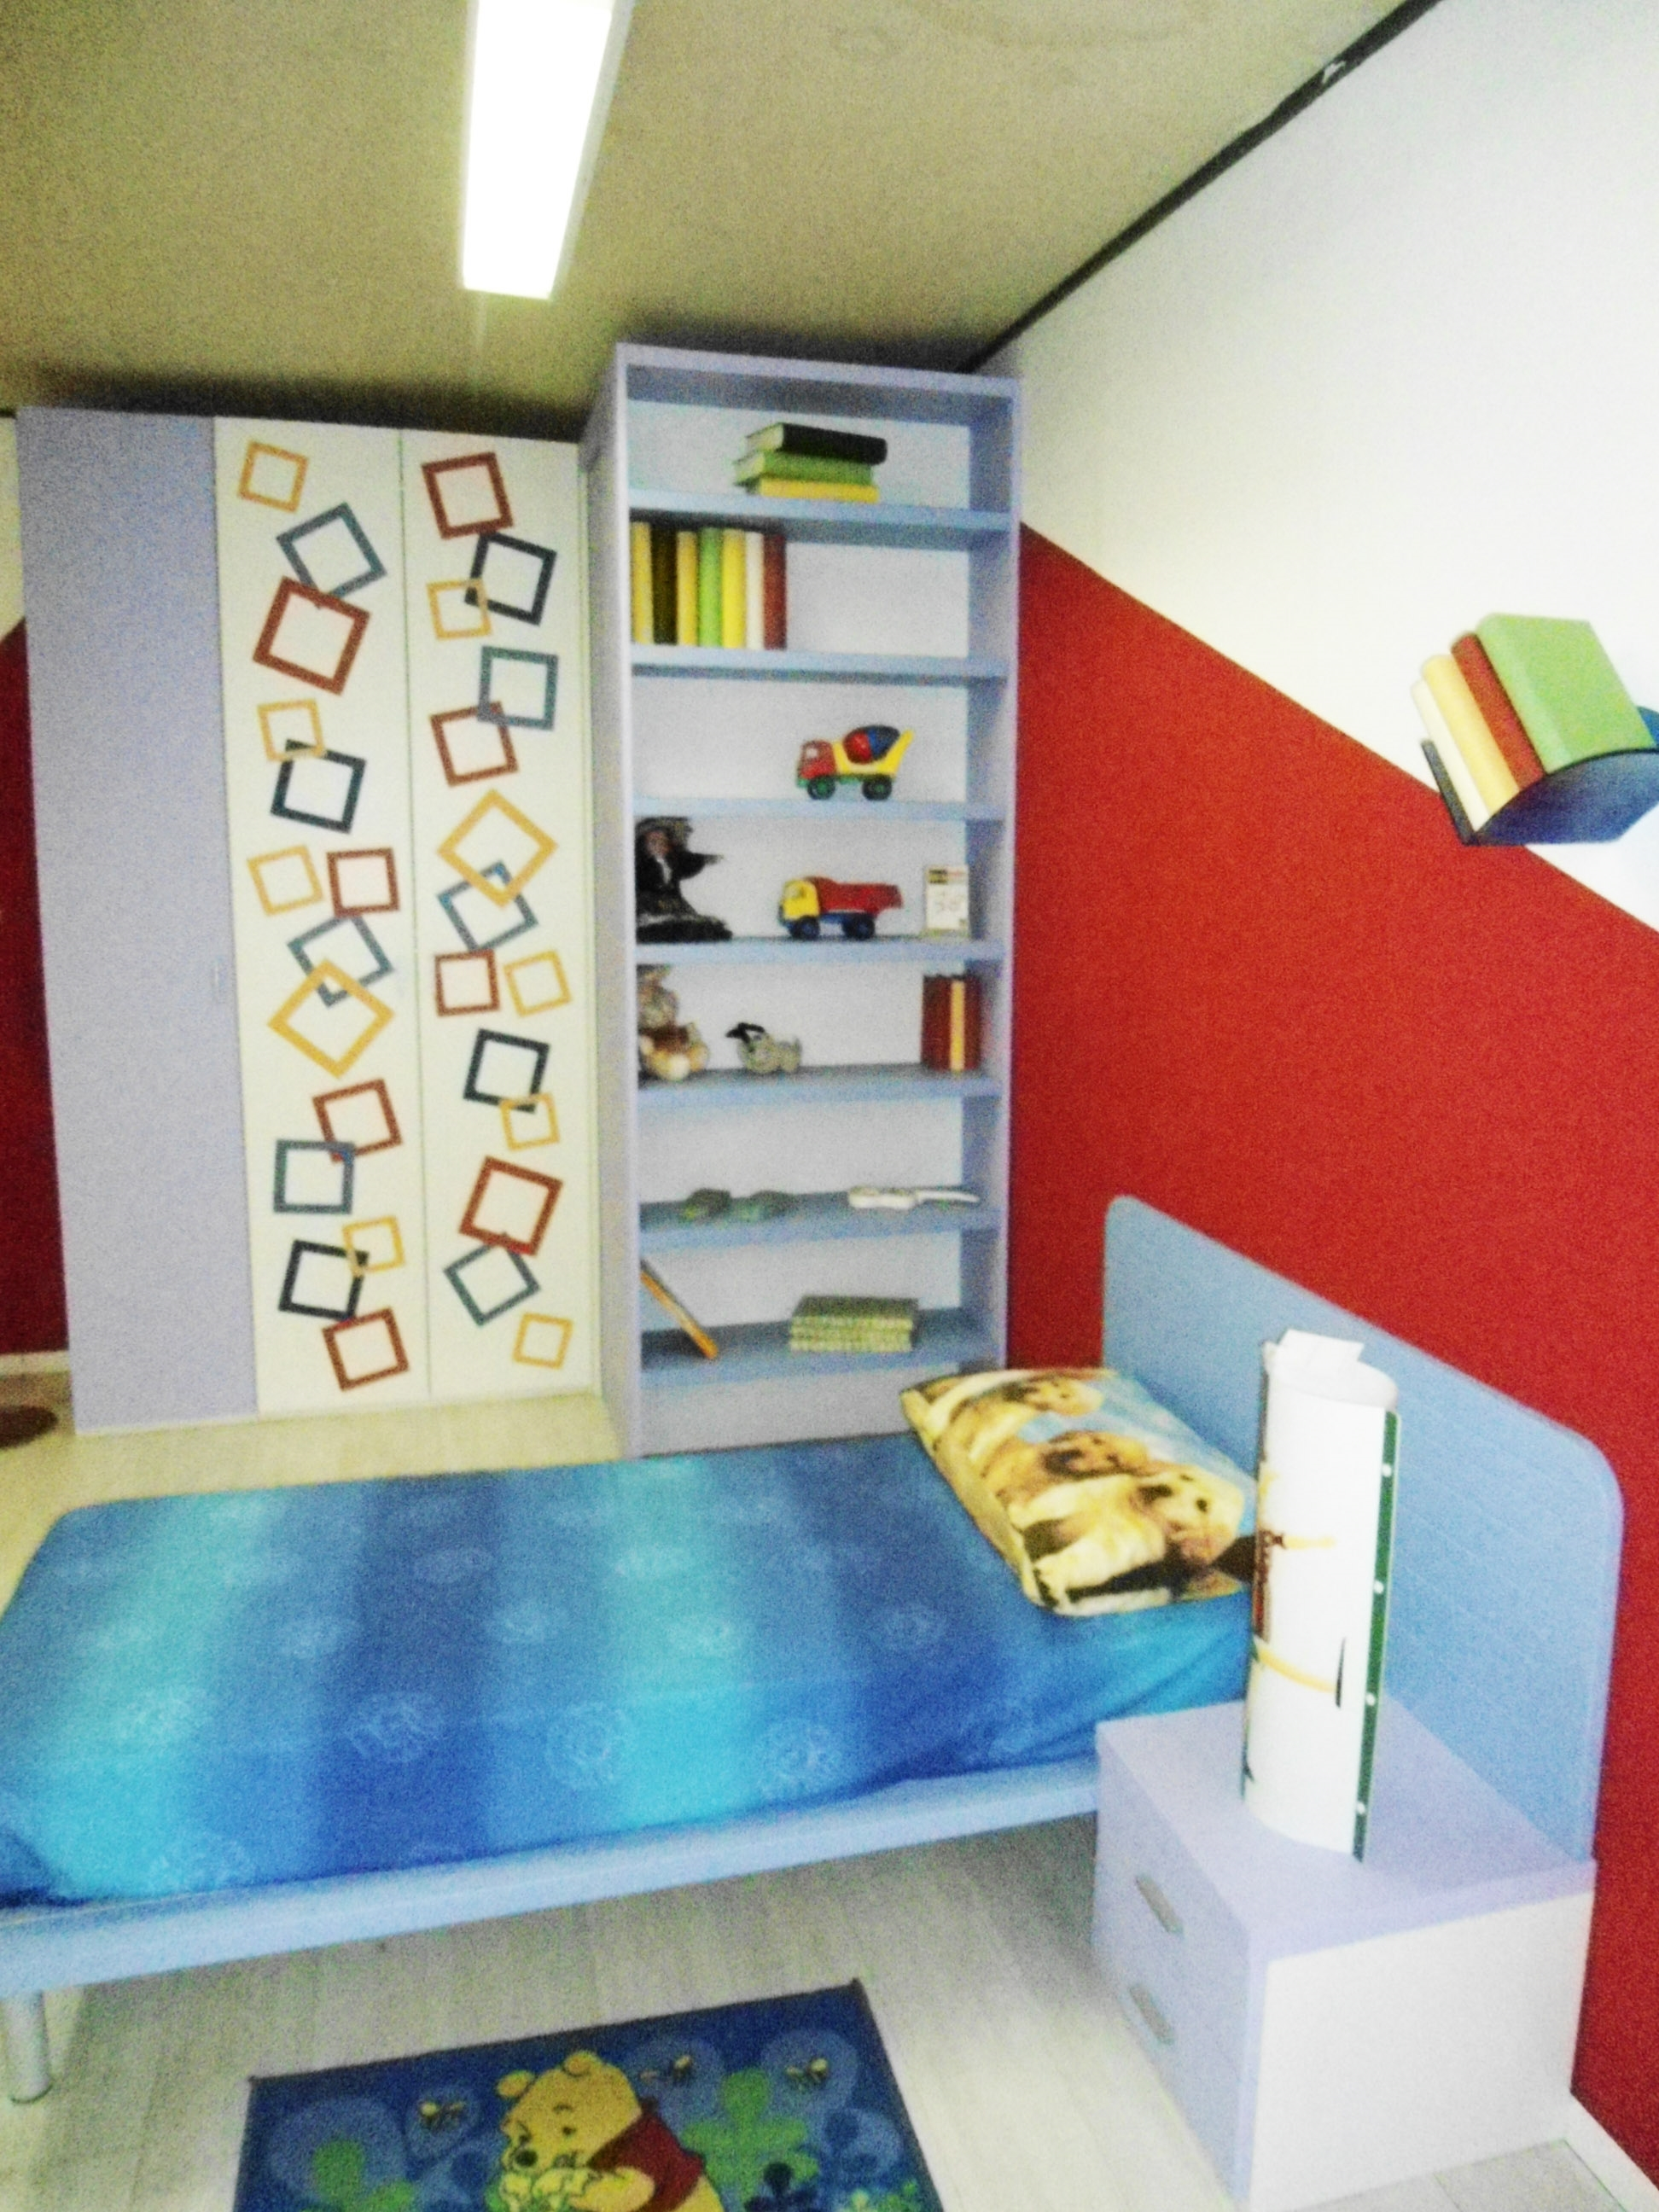 Camerette fly camerette camere per ragazzi non solo - Camerette per bimbi ...